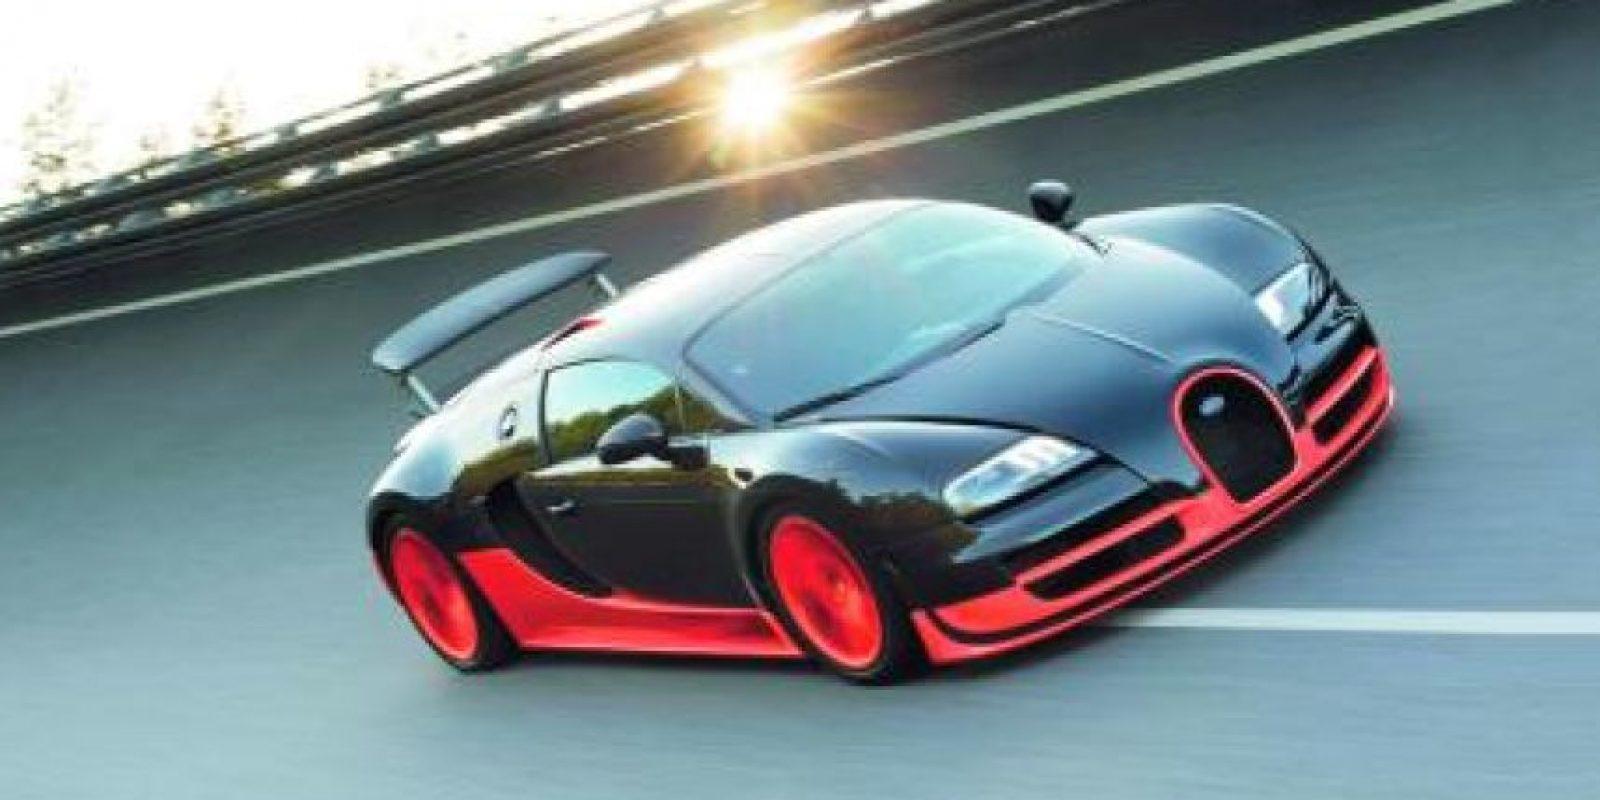 2- Bugatti Veyron Super Sport (268 MPH – 431 km/h). Veyron se lanzó en un inicio con un precio de $ 1.7 millones de dólares y un motor quad-turbo W16 para mil caballos de potencia, no obstante tuvo que exprimir su motor al ser destronado por el SSC Ultimate Aero en el récord de velocidad para un auto de producción. Este ejemplar cuenta ya con 1,200 caballos de fuerza y numerosos cambios aerodinámicos destinados a ayudar a ganar velocidad tope. Alcanzó su mejor registro para adjudicarse el vehículo más veloz reconocido por el libro de récord Guinness, tras completar con los requerimientos en la pista Ehra-Lessein de Volkswagen. Asimismo, su hermano descapotable Veyron Grand Sport Vitesse es el convertible más veloz de la Tierra, con 254 millas por ho Foto:Metro